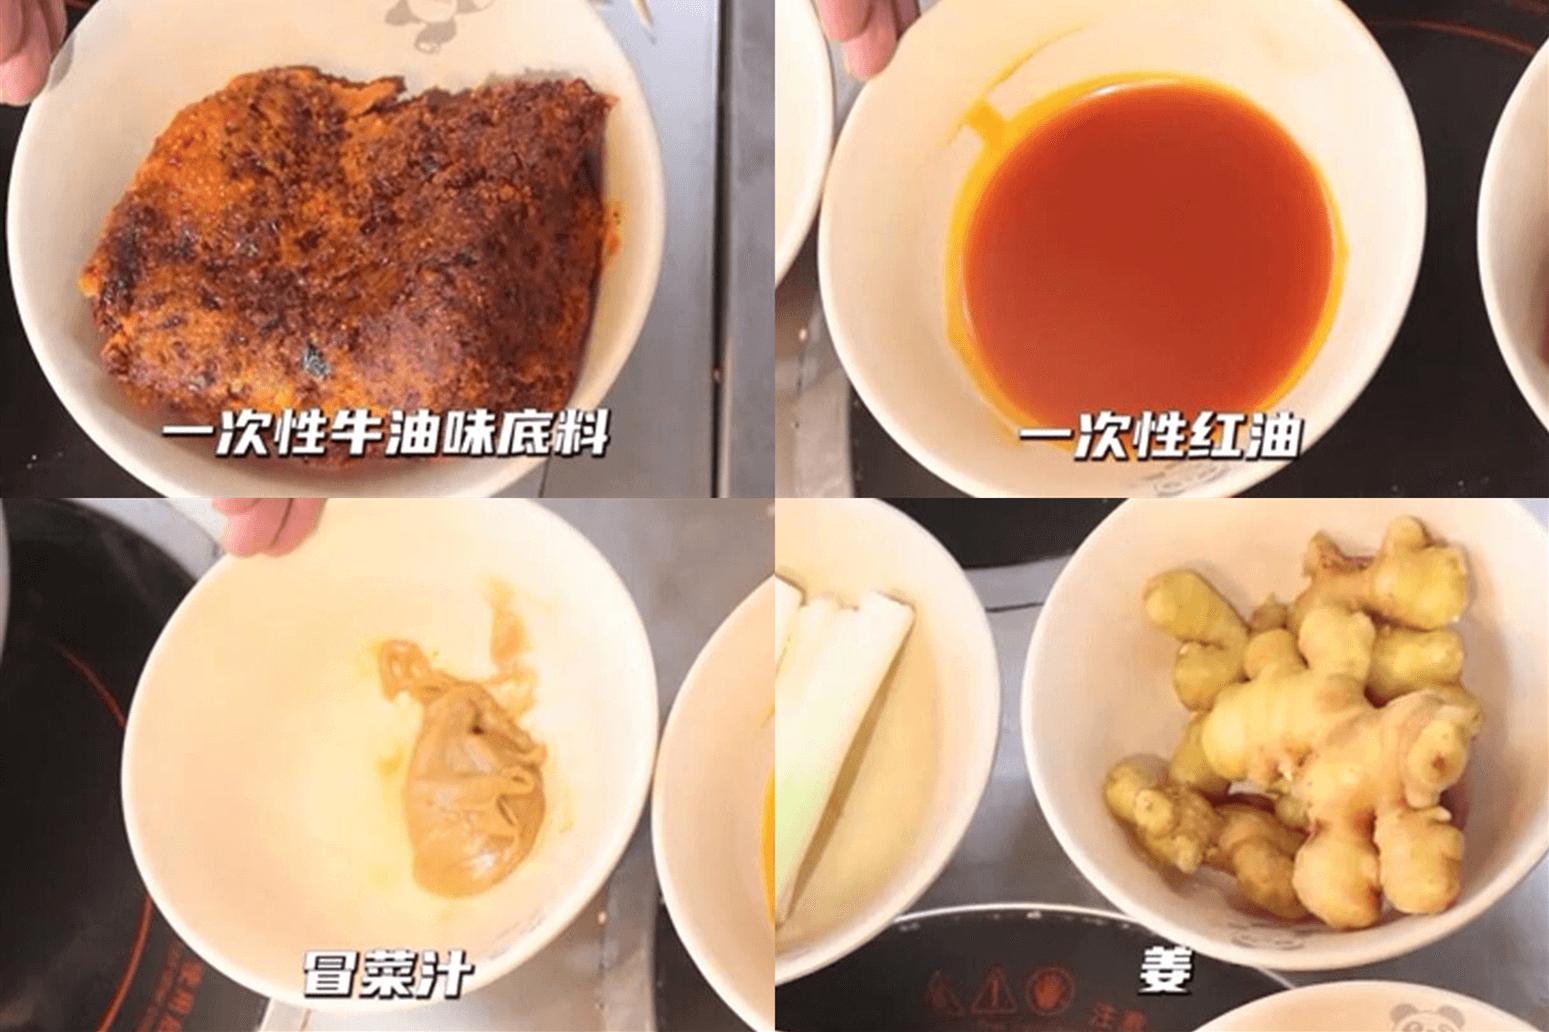 正宗的牛油味冒菜,试了才知道有多好吃!第一步